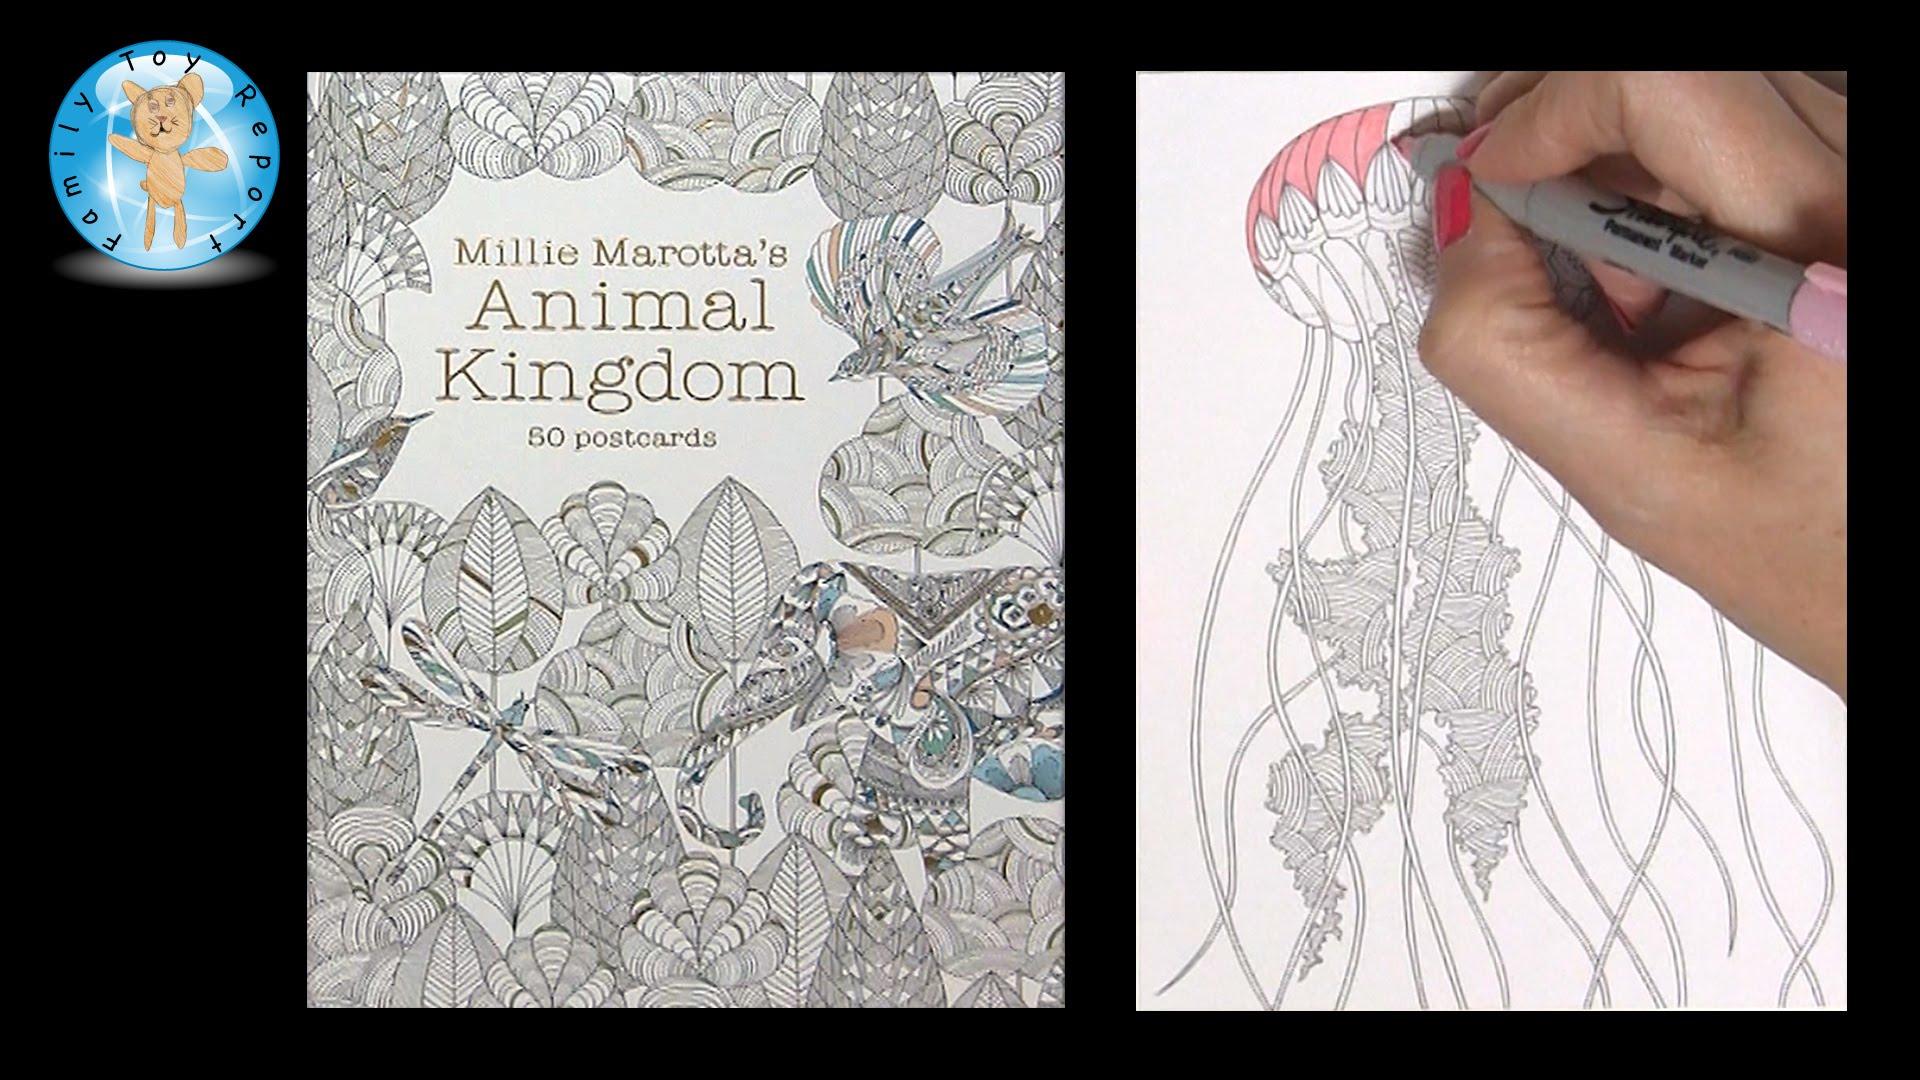 Drawn jellies millie marotta Kingdom Marotta's Adult Coloring Toy